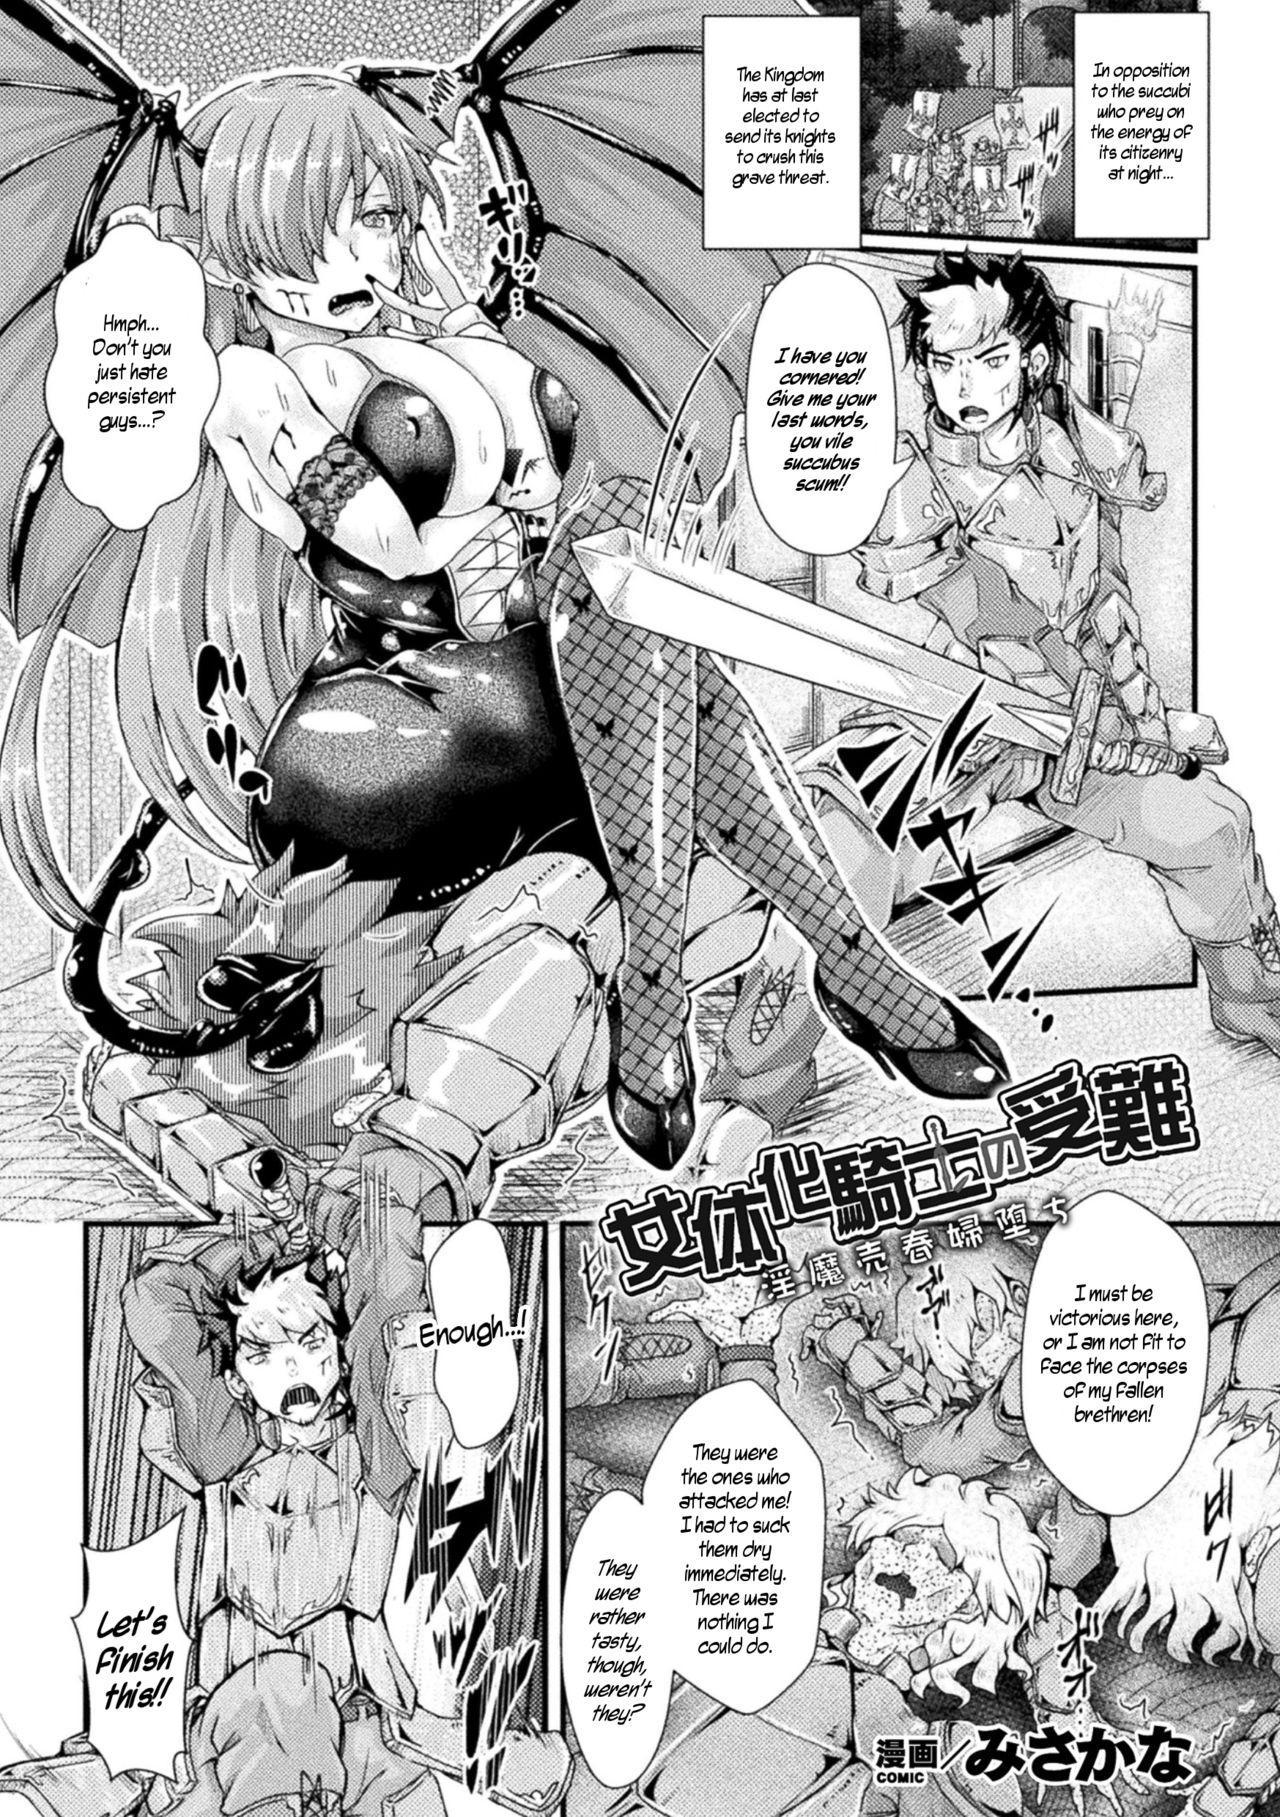 Nyotaika Kishi no Junan Inma Baishunfu Ochi   The Passion of the Feminized Knight/Fallen Succubus Whore 0